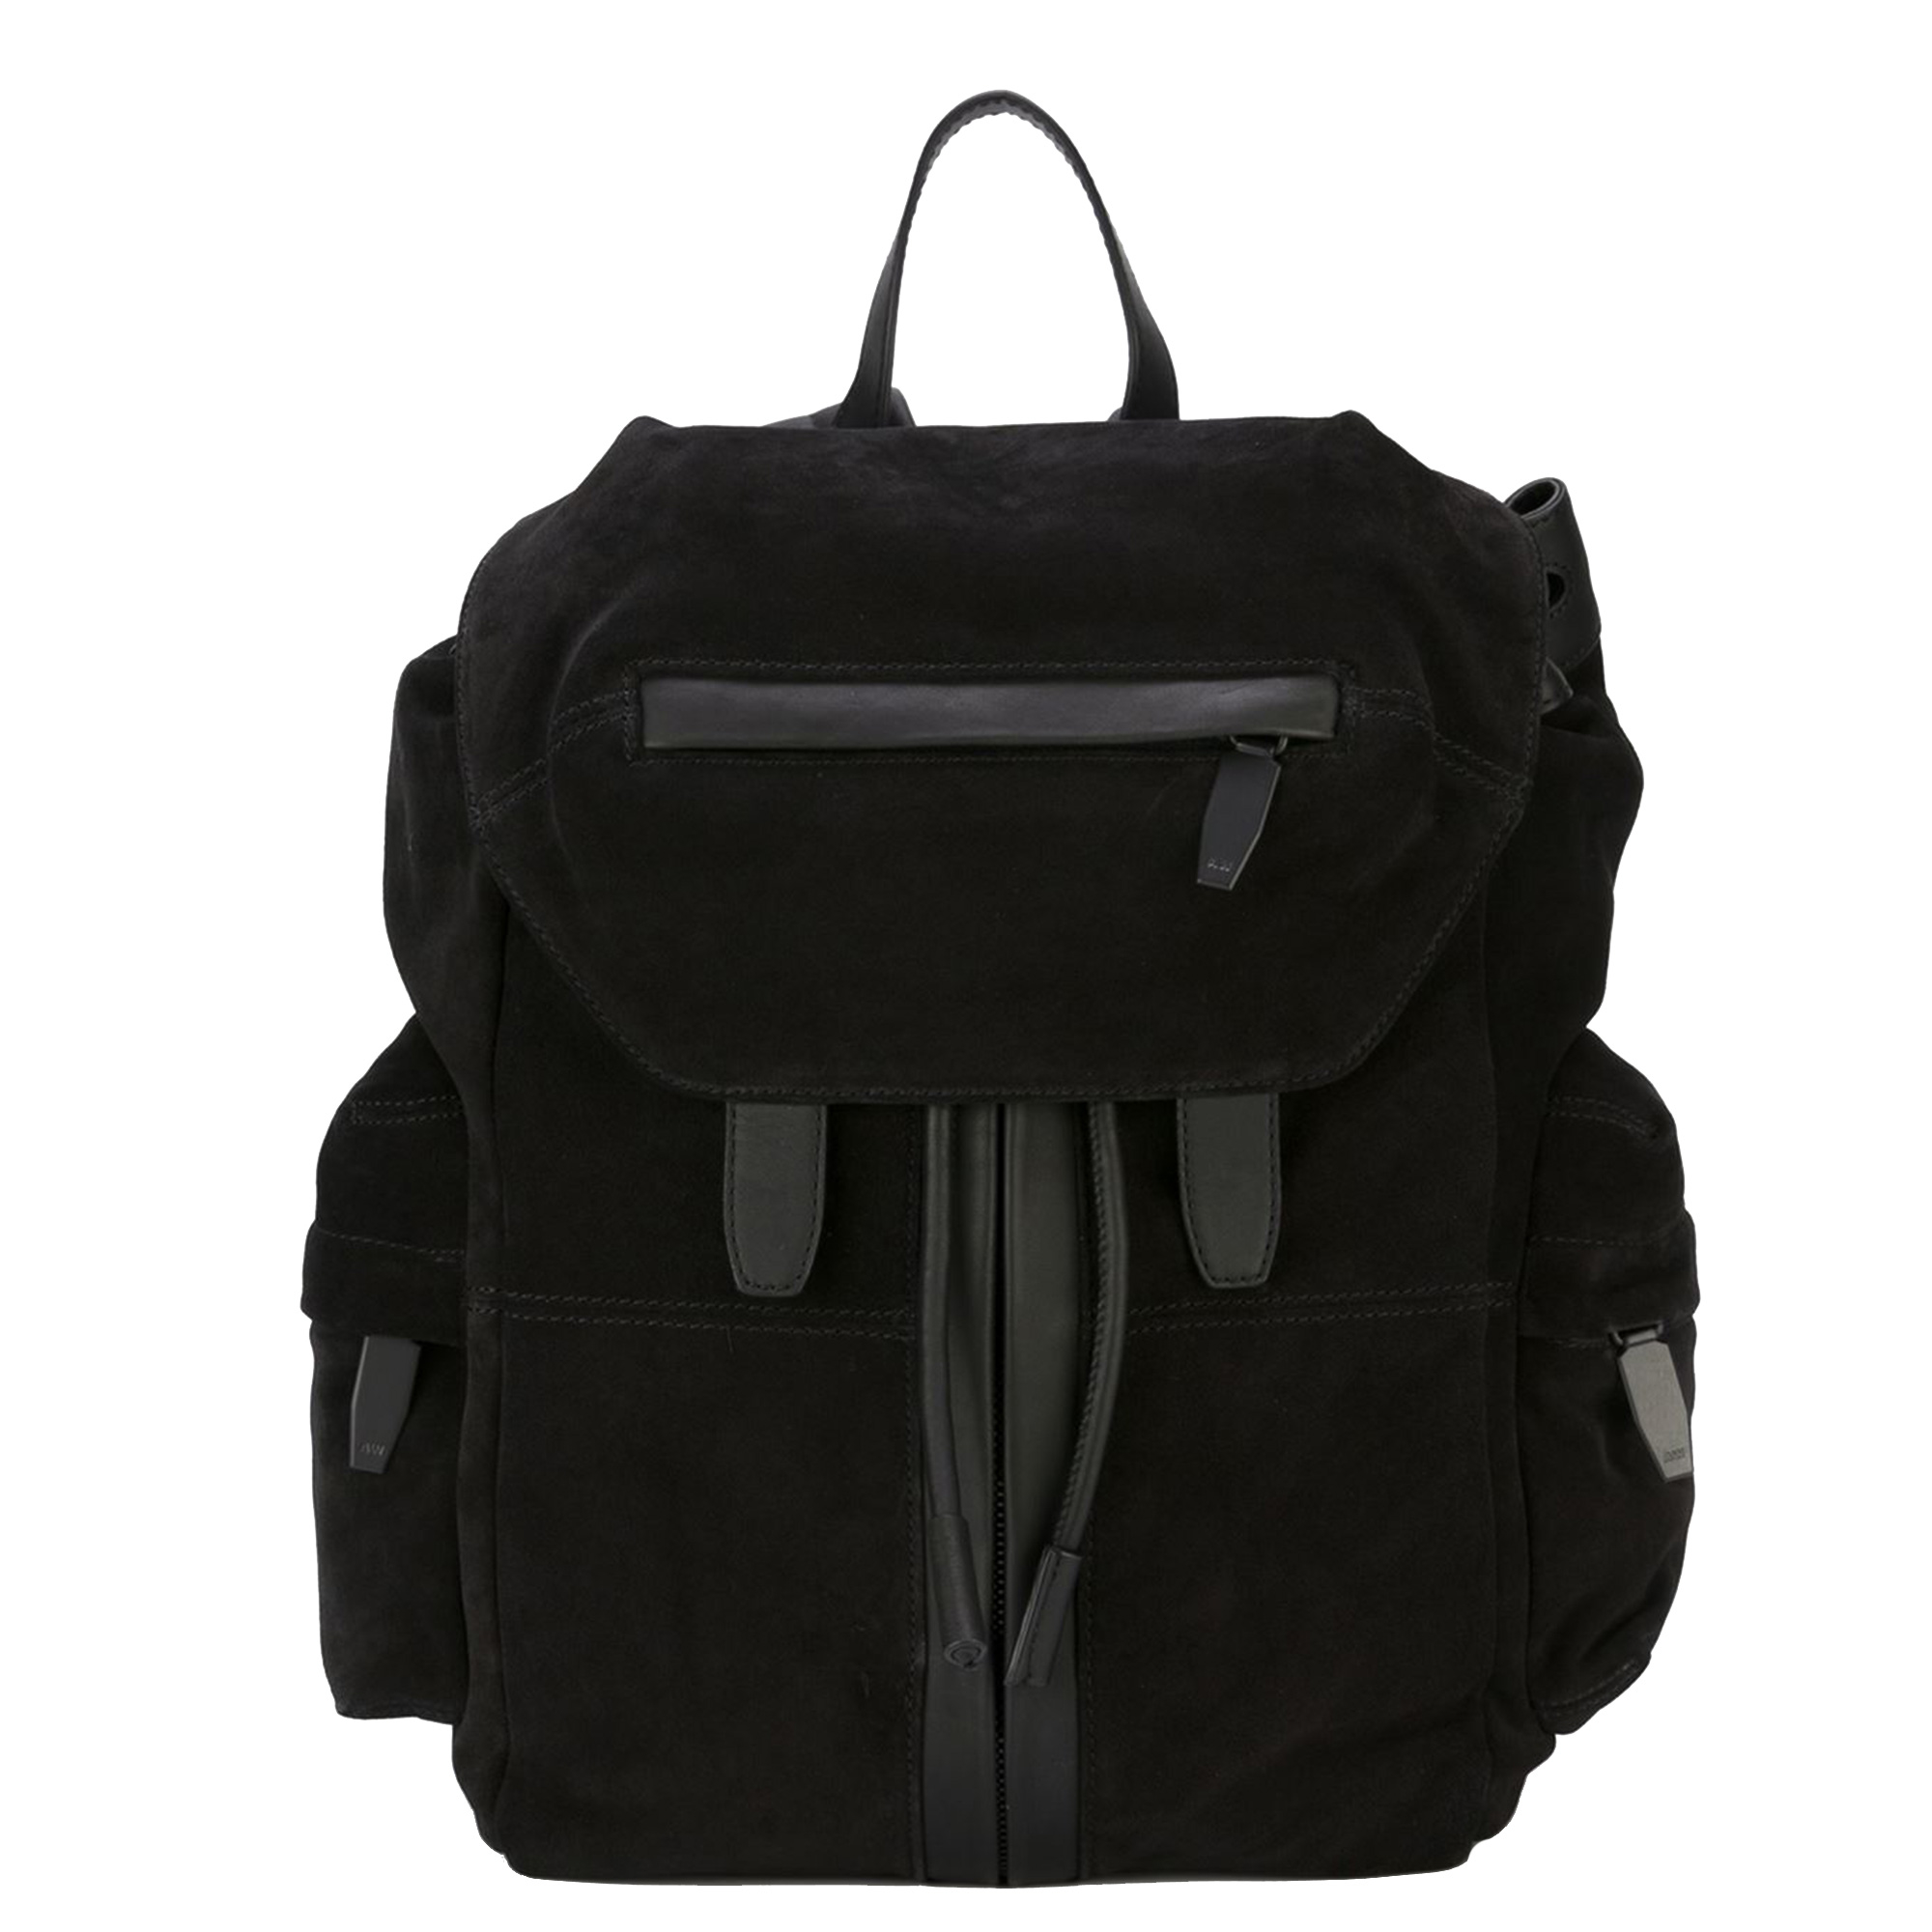 alexander wang 39 marti 39 backpack in black for men lyst. Black Bedroom Furniture Sets. Home Design Ideas